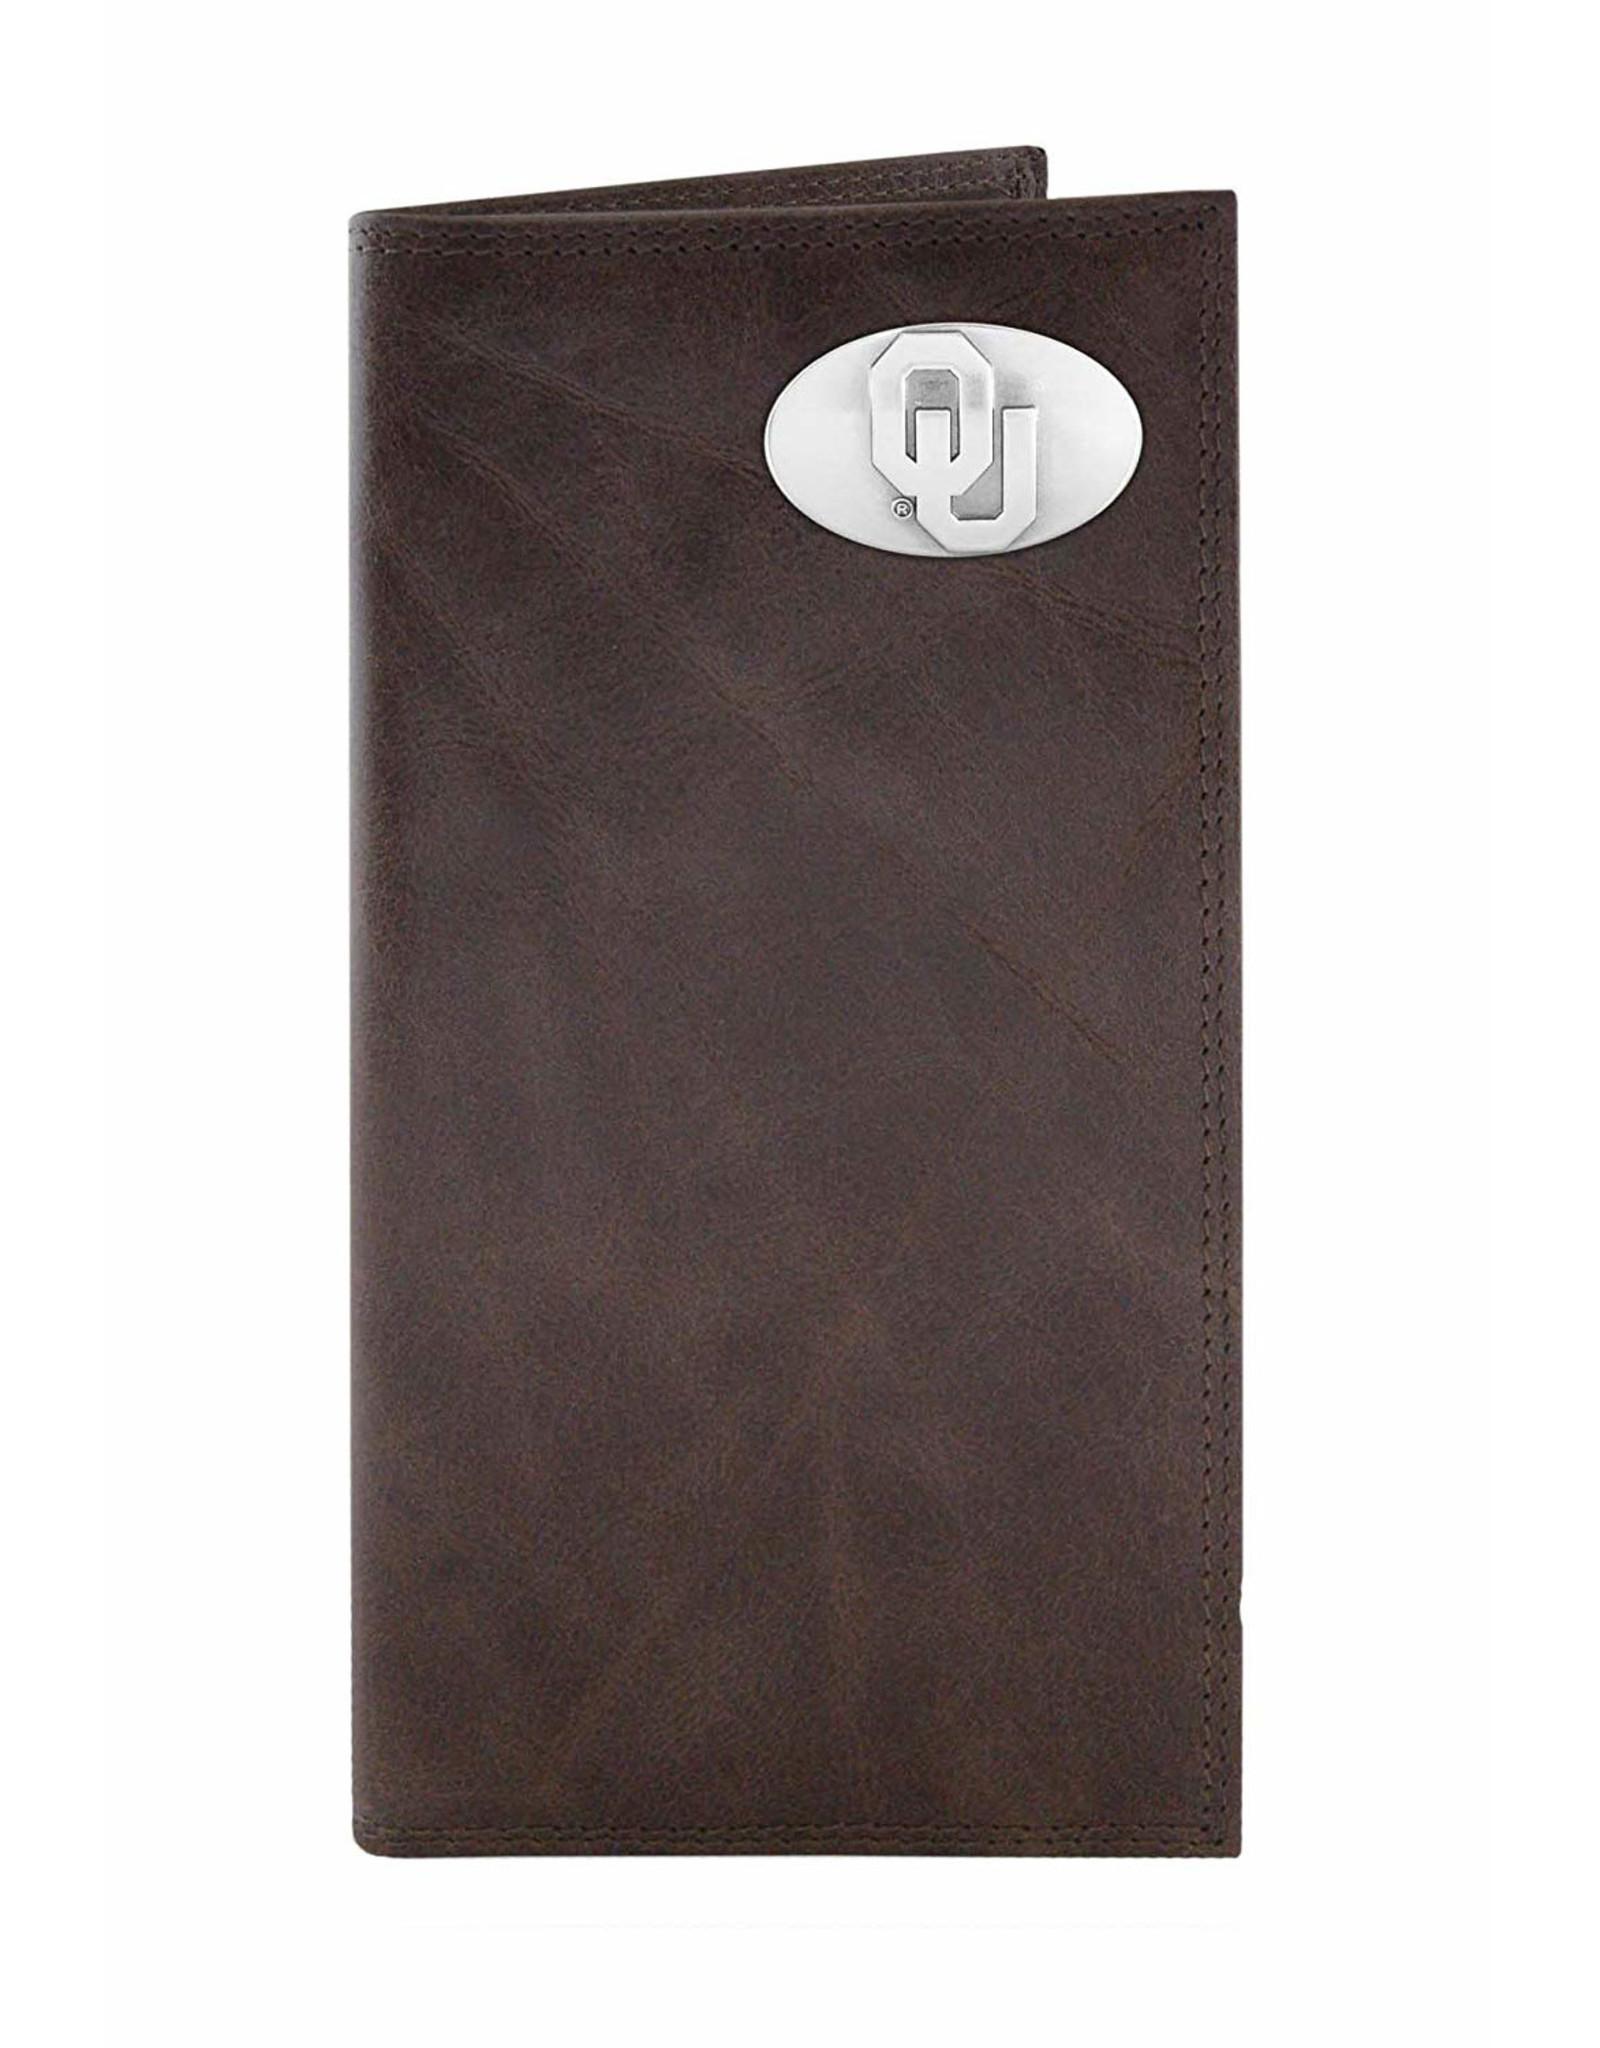 Zep-Pro Zep-Pro Brown Wrinkle Roper Wallet